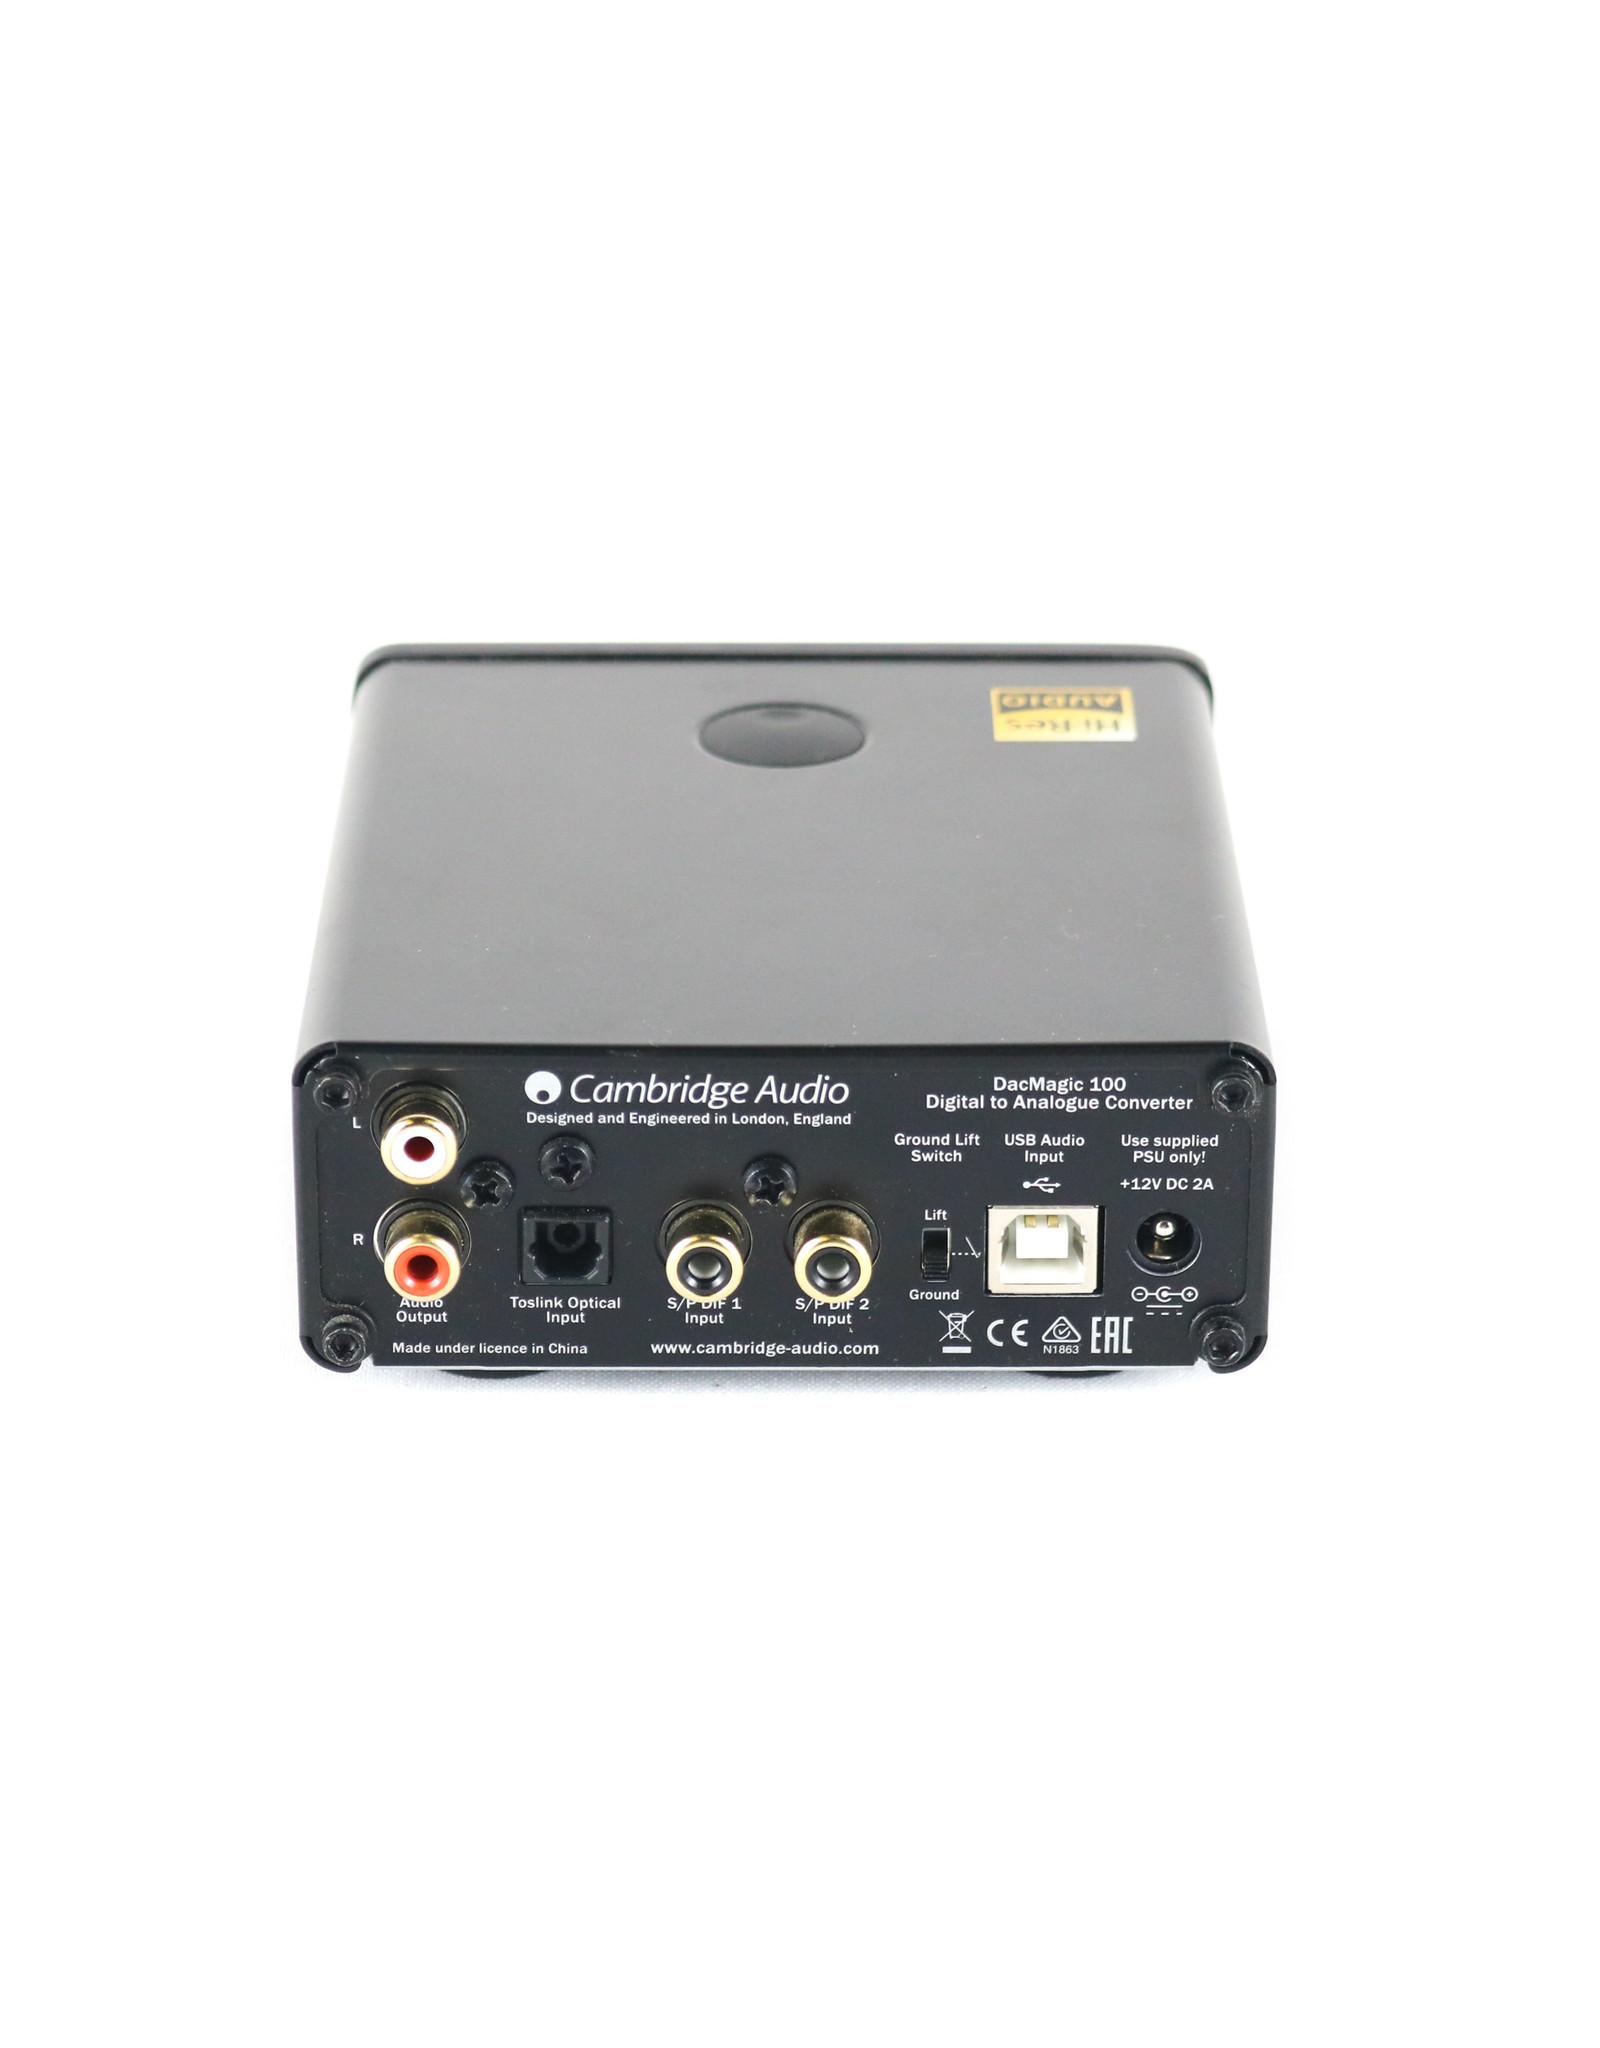 Cambridge Audio Cambridge Audio DacMagic 100 DAC USED